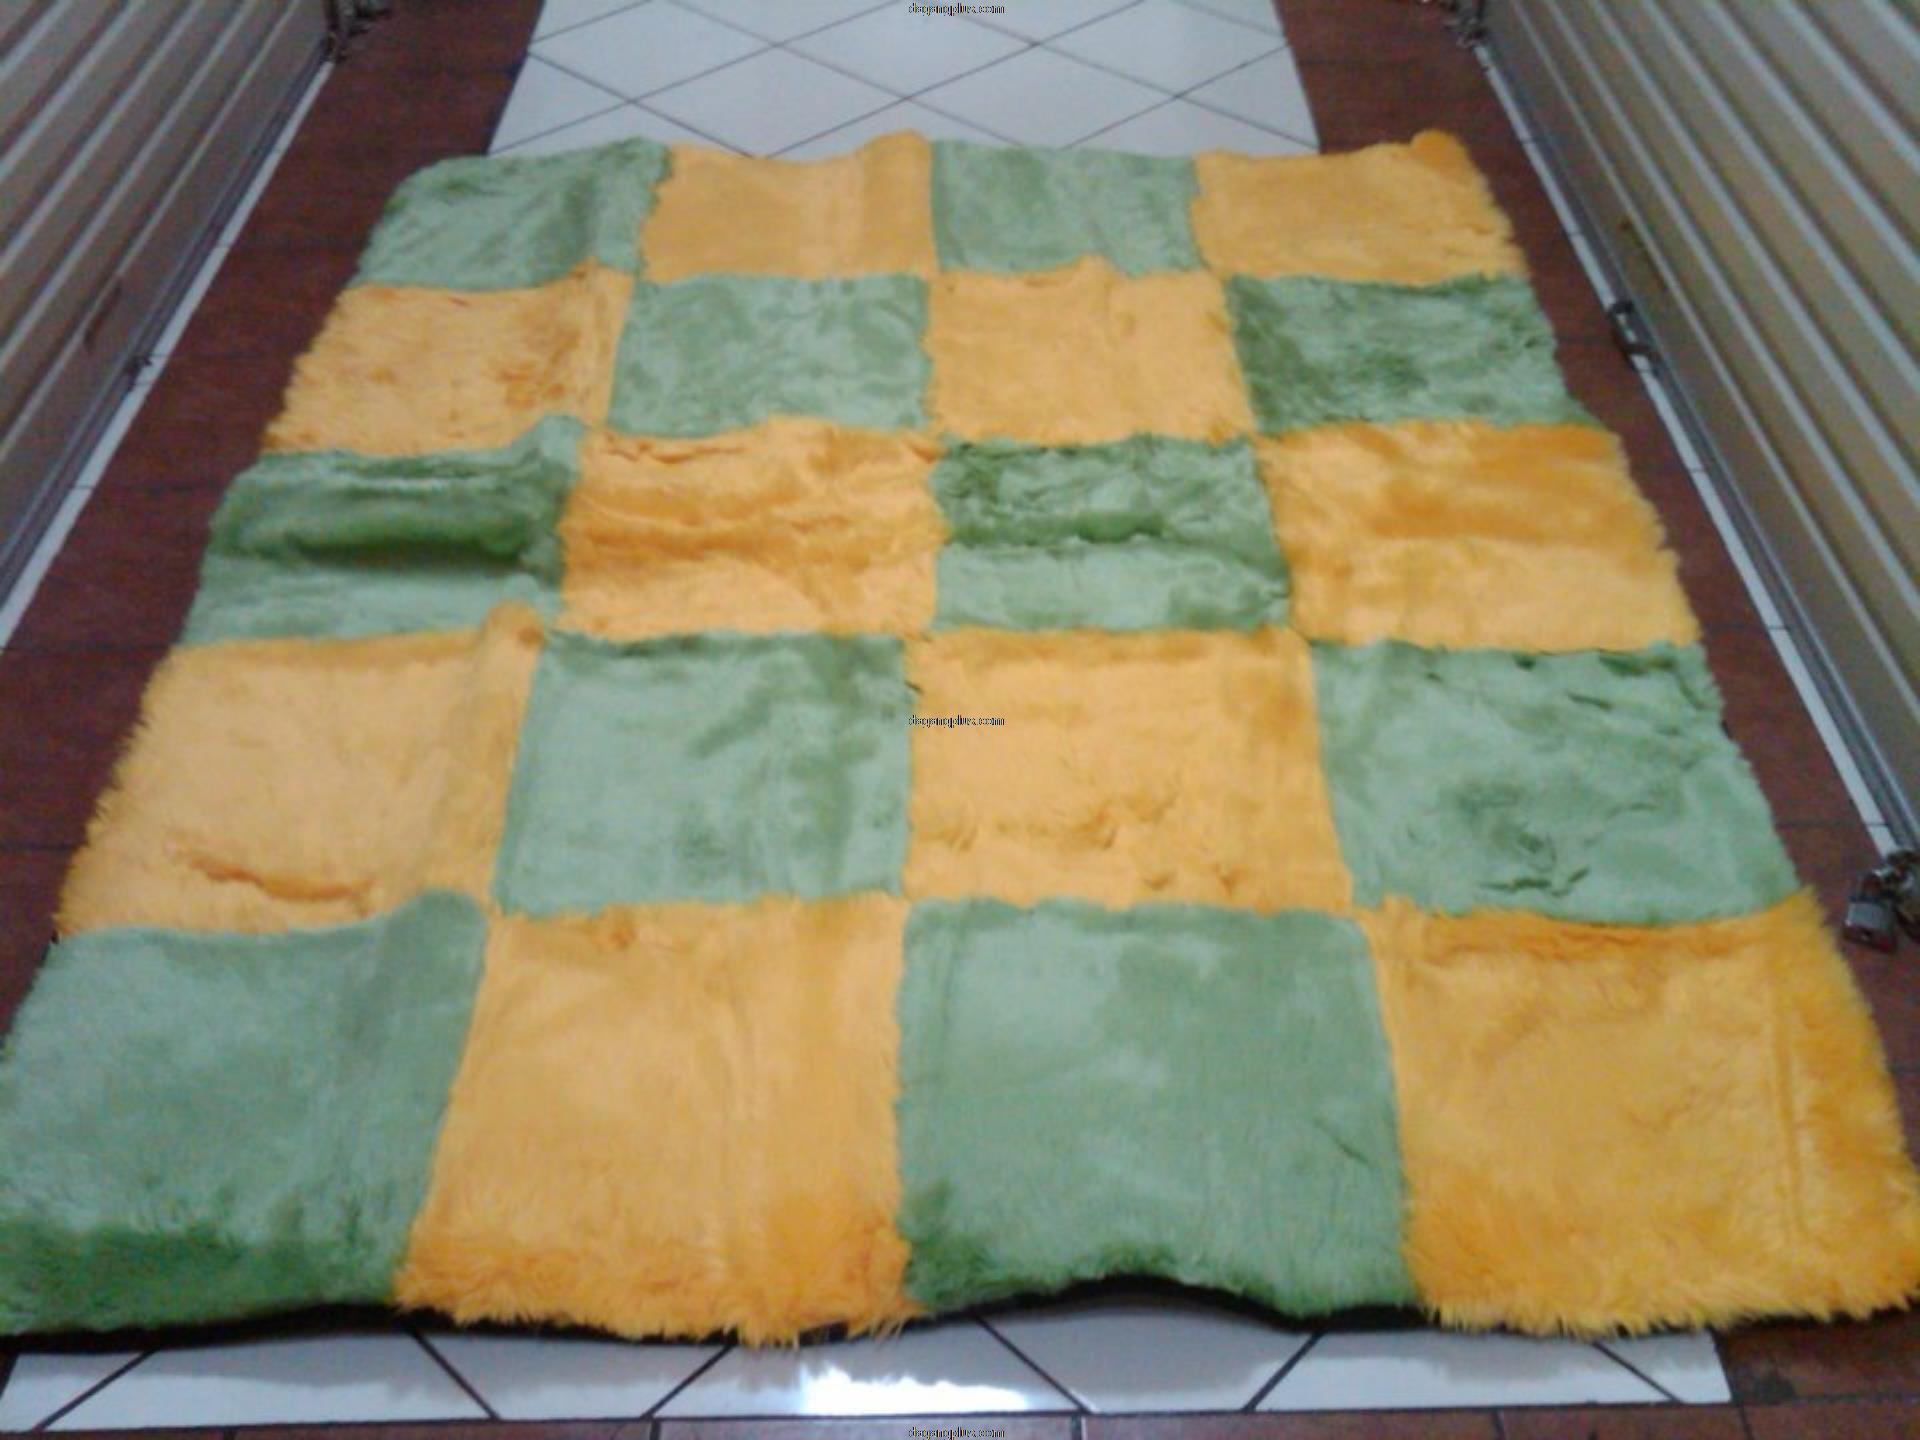 Karpet Bulu Halus Motif Kombinasi Hijau - Kuning